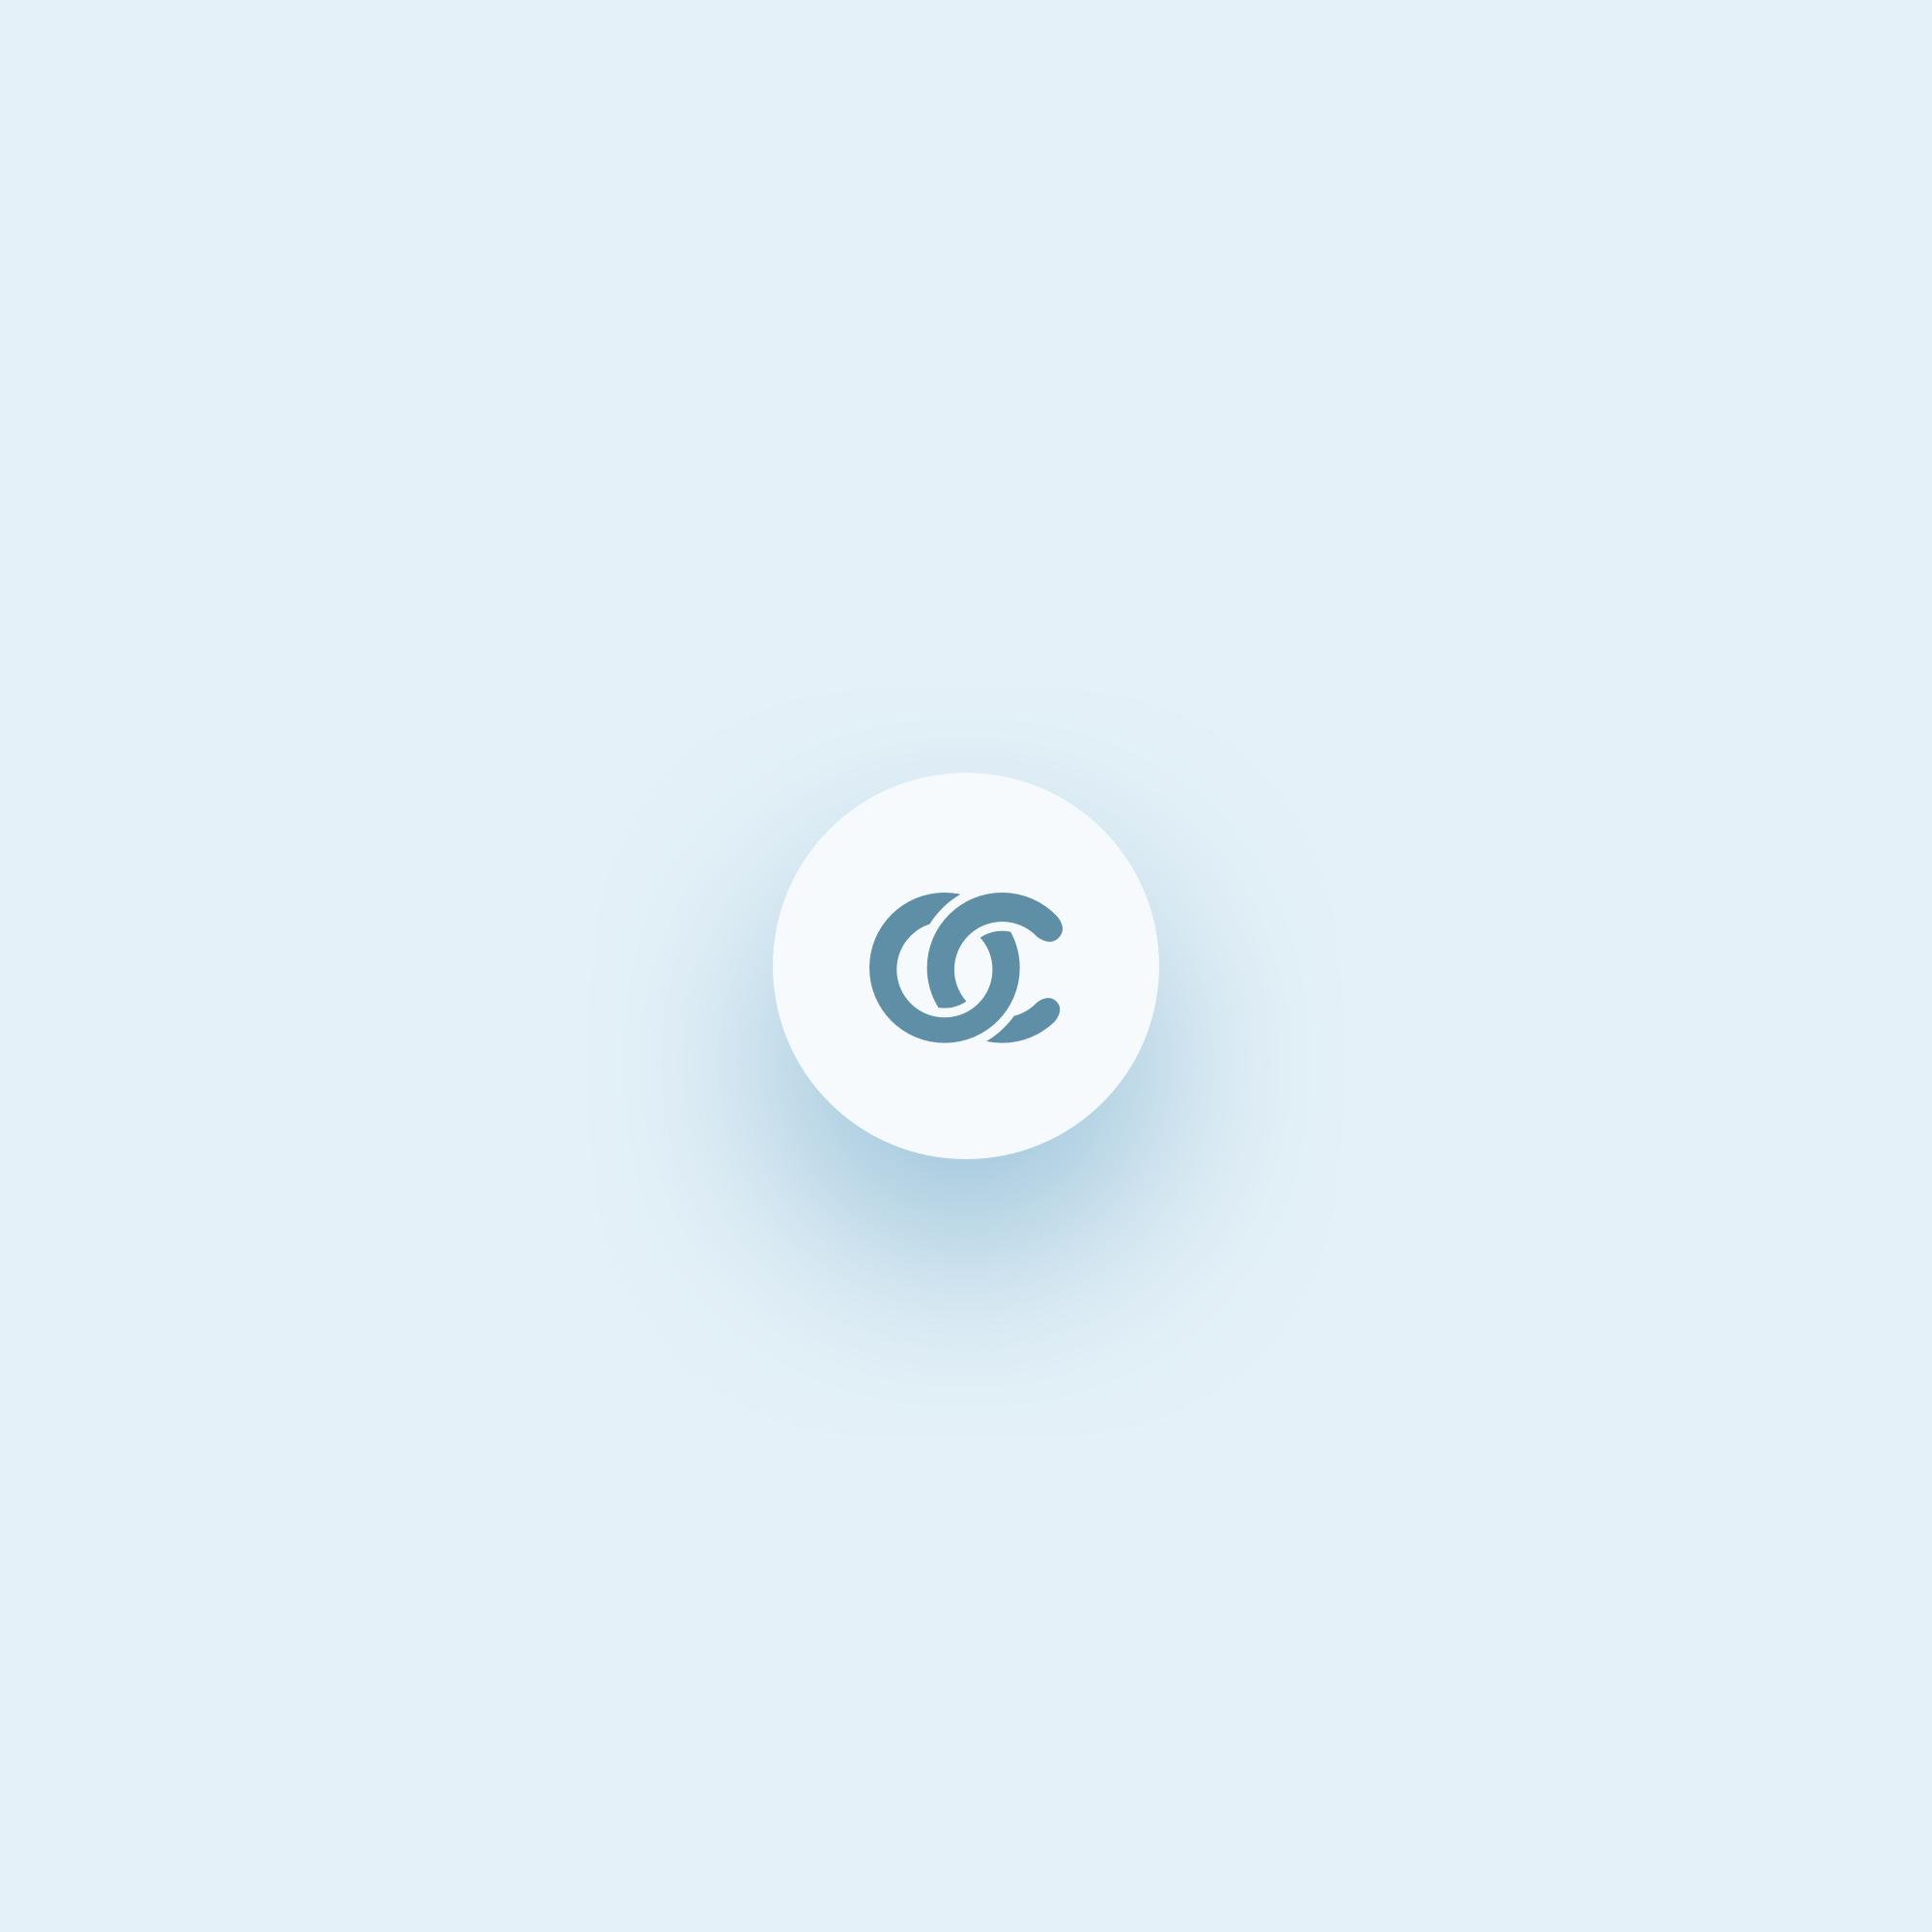 CircularChaos Brand